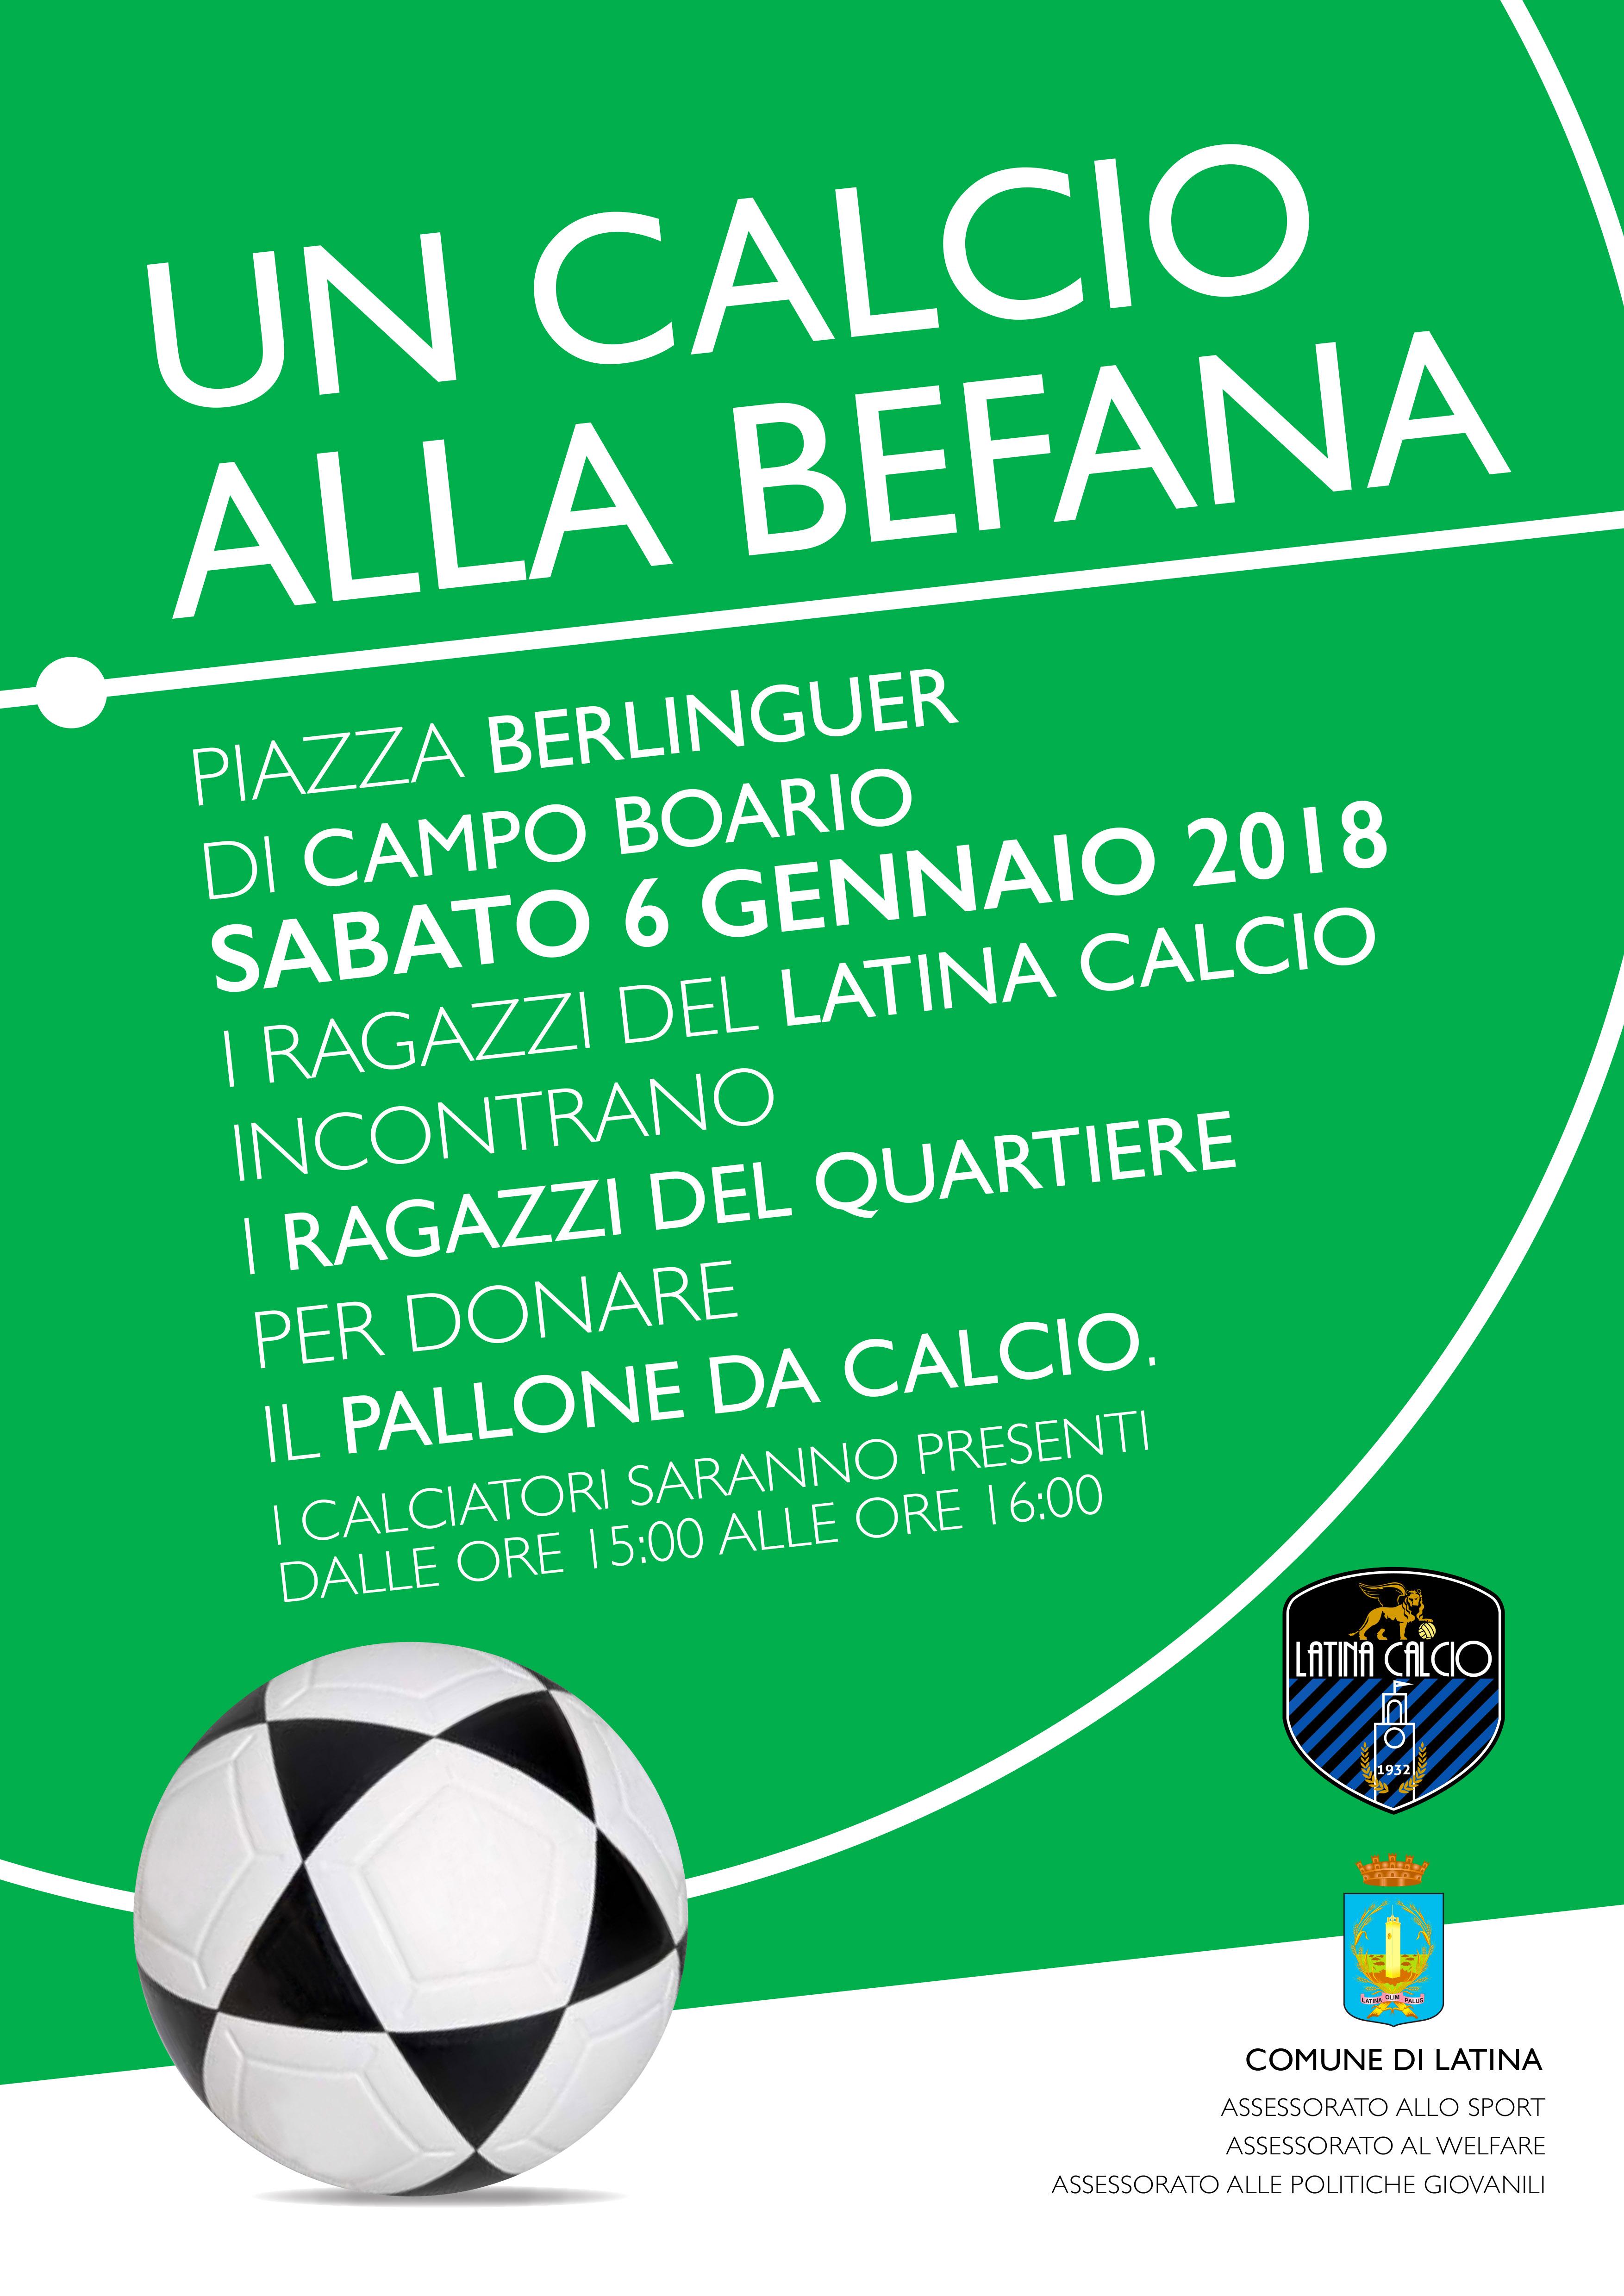 04012018 Un Calcio Alla Befana I Giocatori Del Latina Calcio